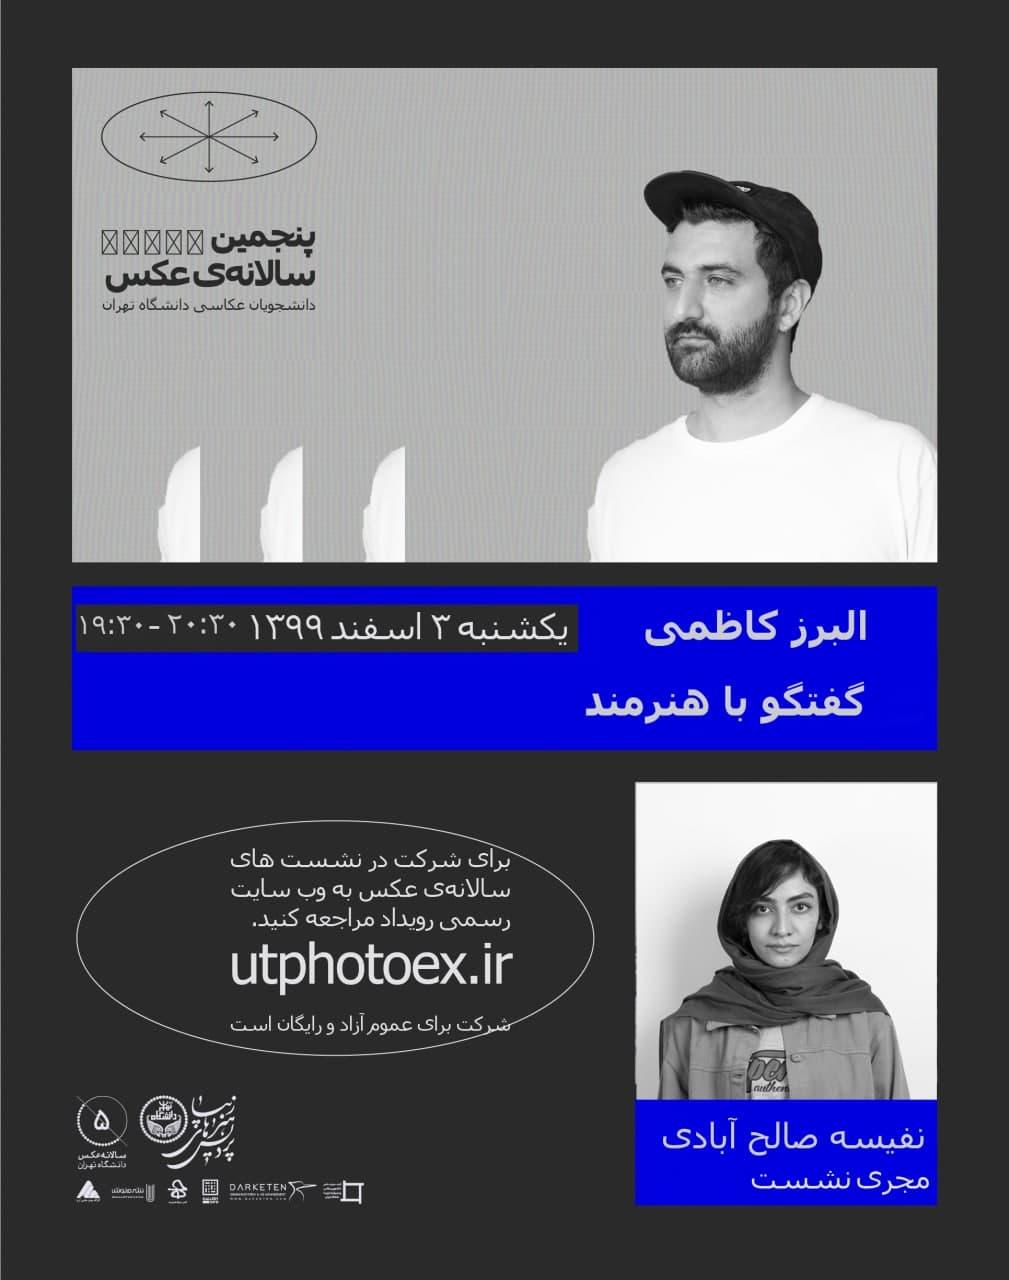 نشست گفتگو با هنرمند - البرز کاظمی